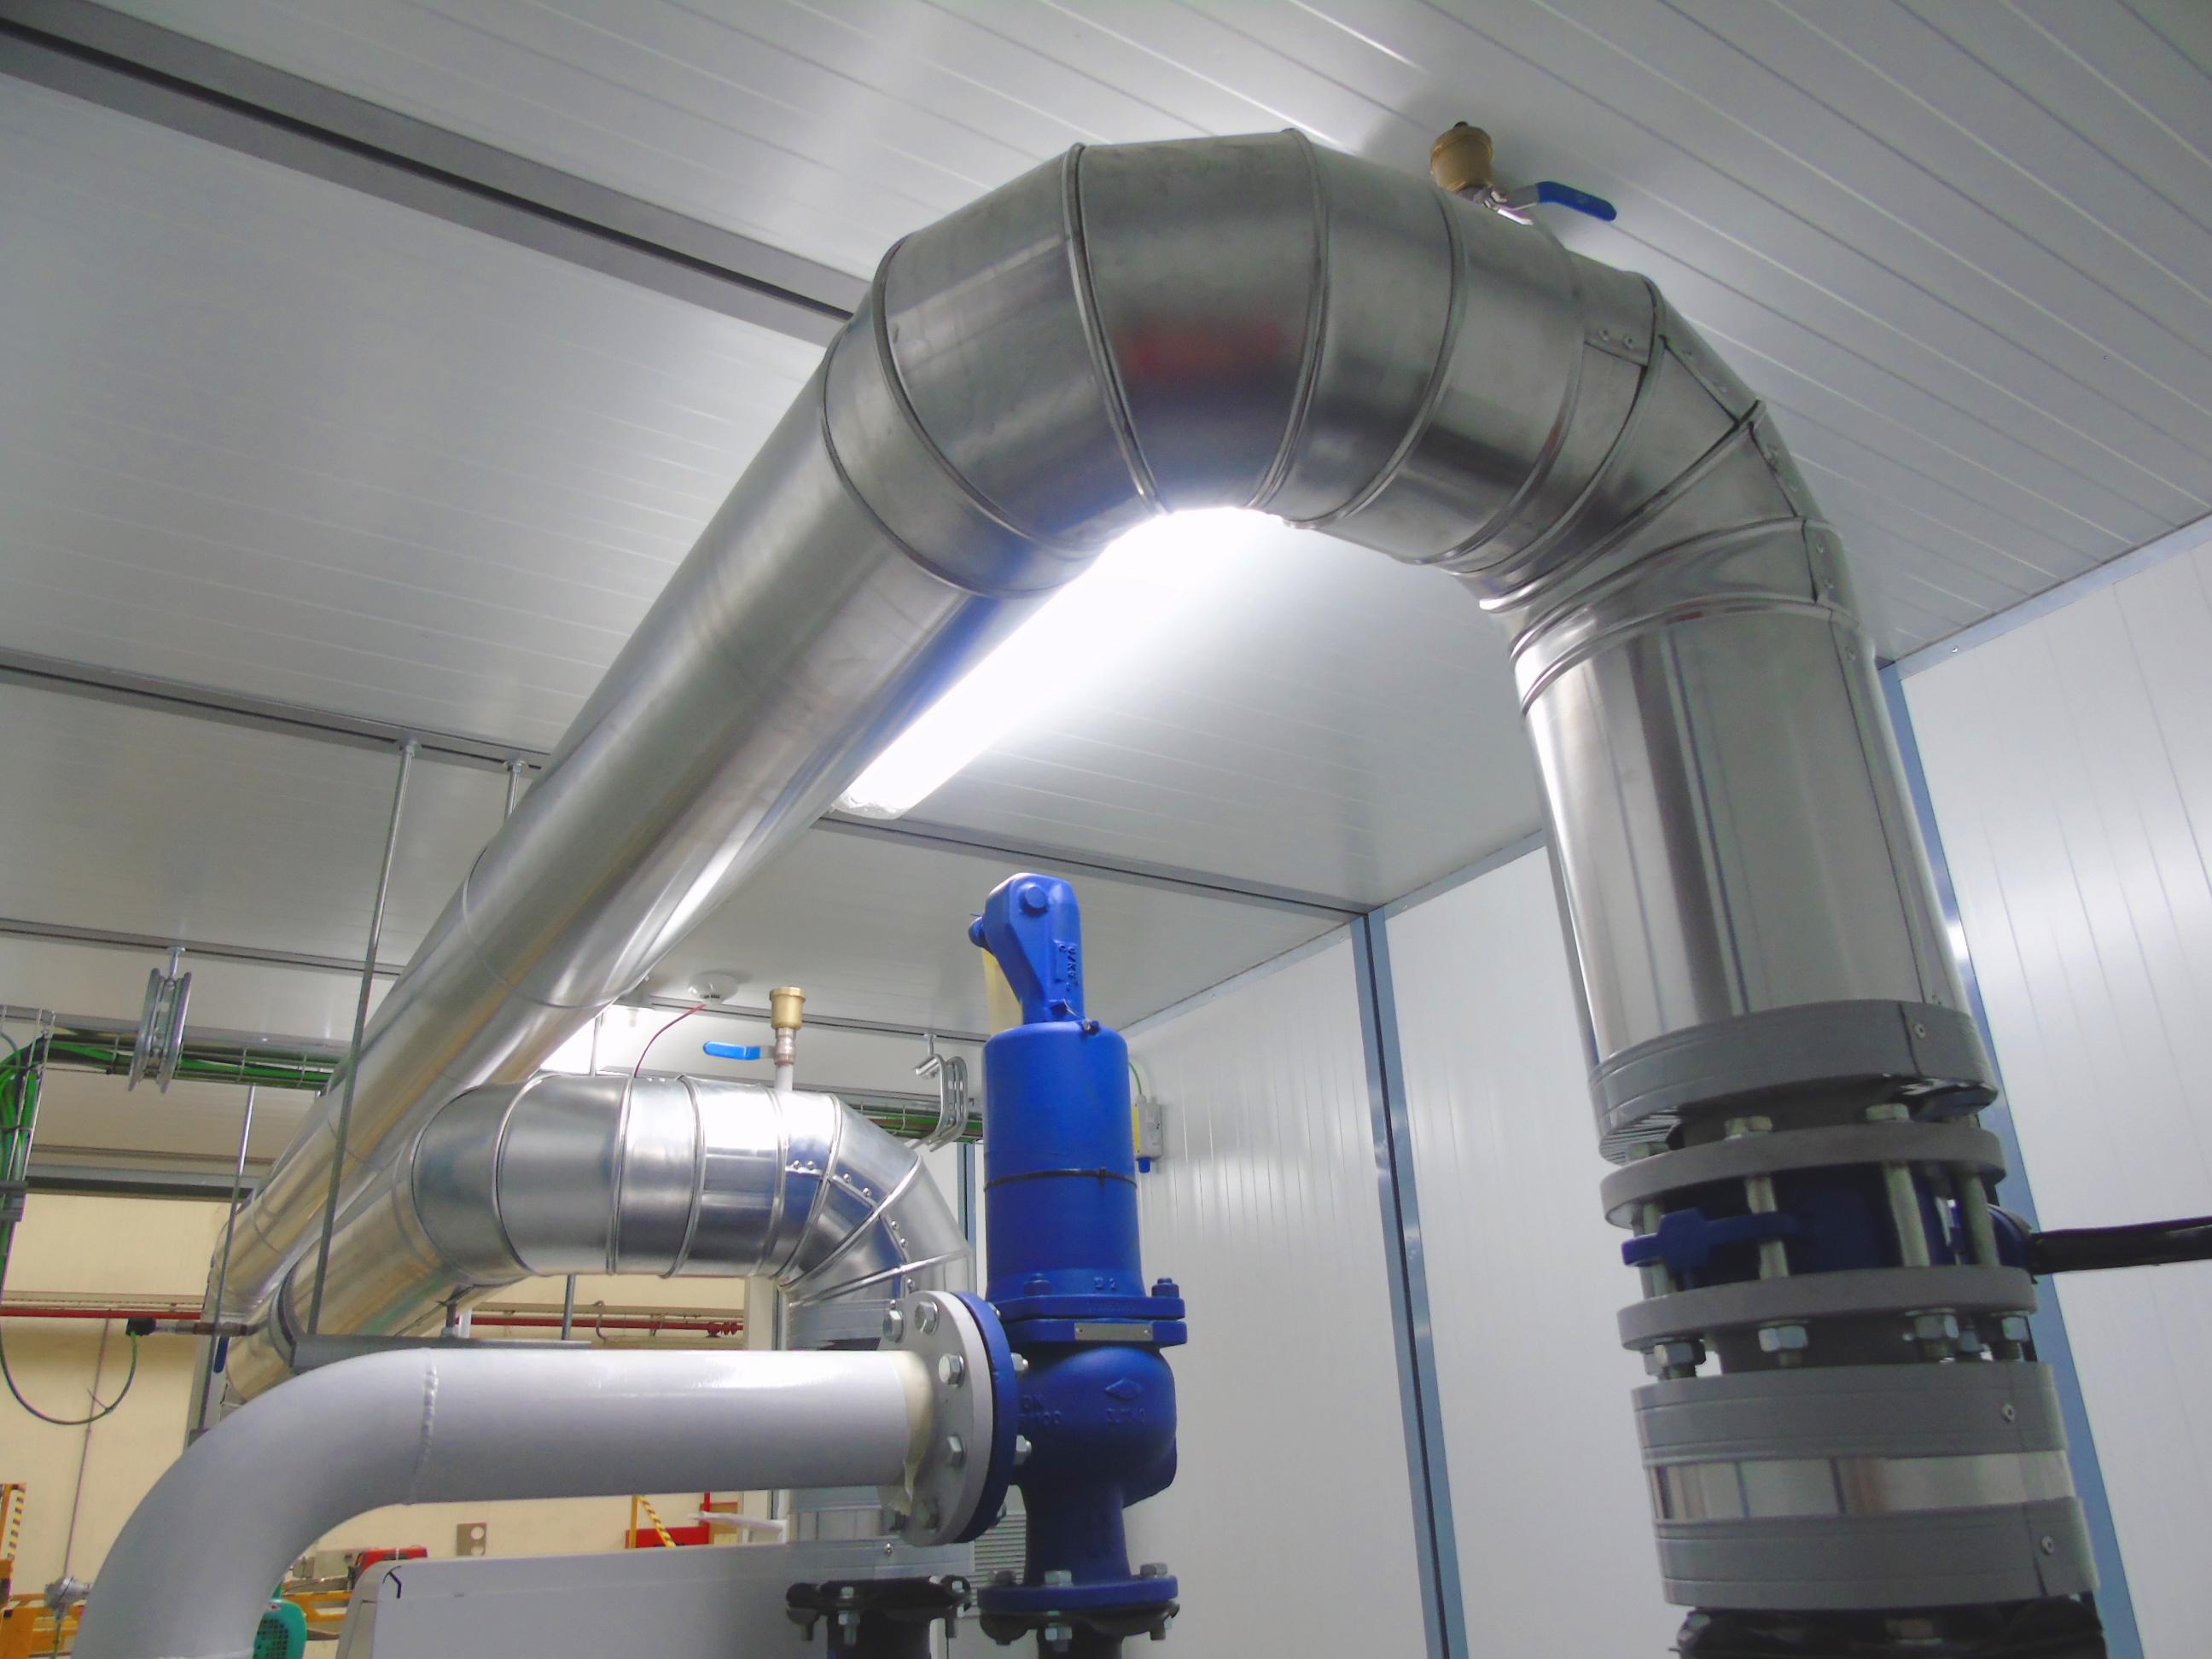 05Contenedor de Calefacción-Planta de Biogás de 1MW en Stracathro Reino Unido-Contenedor de calefaccion-Stracathro-QILA